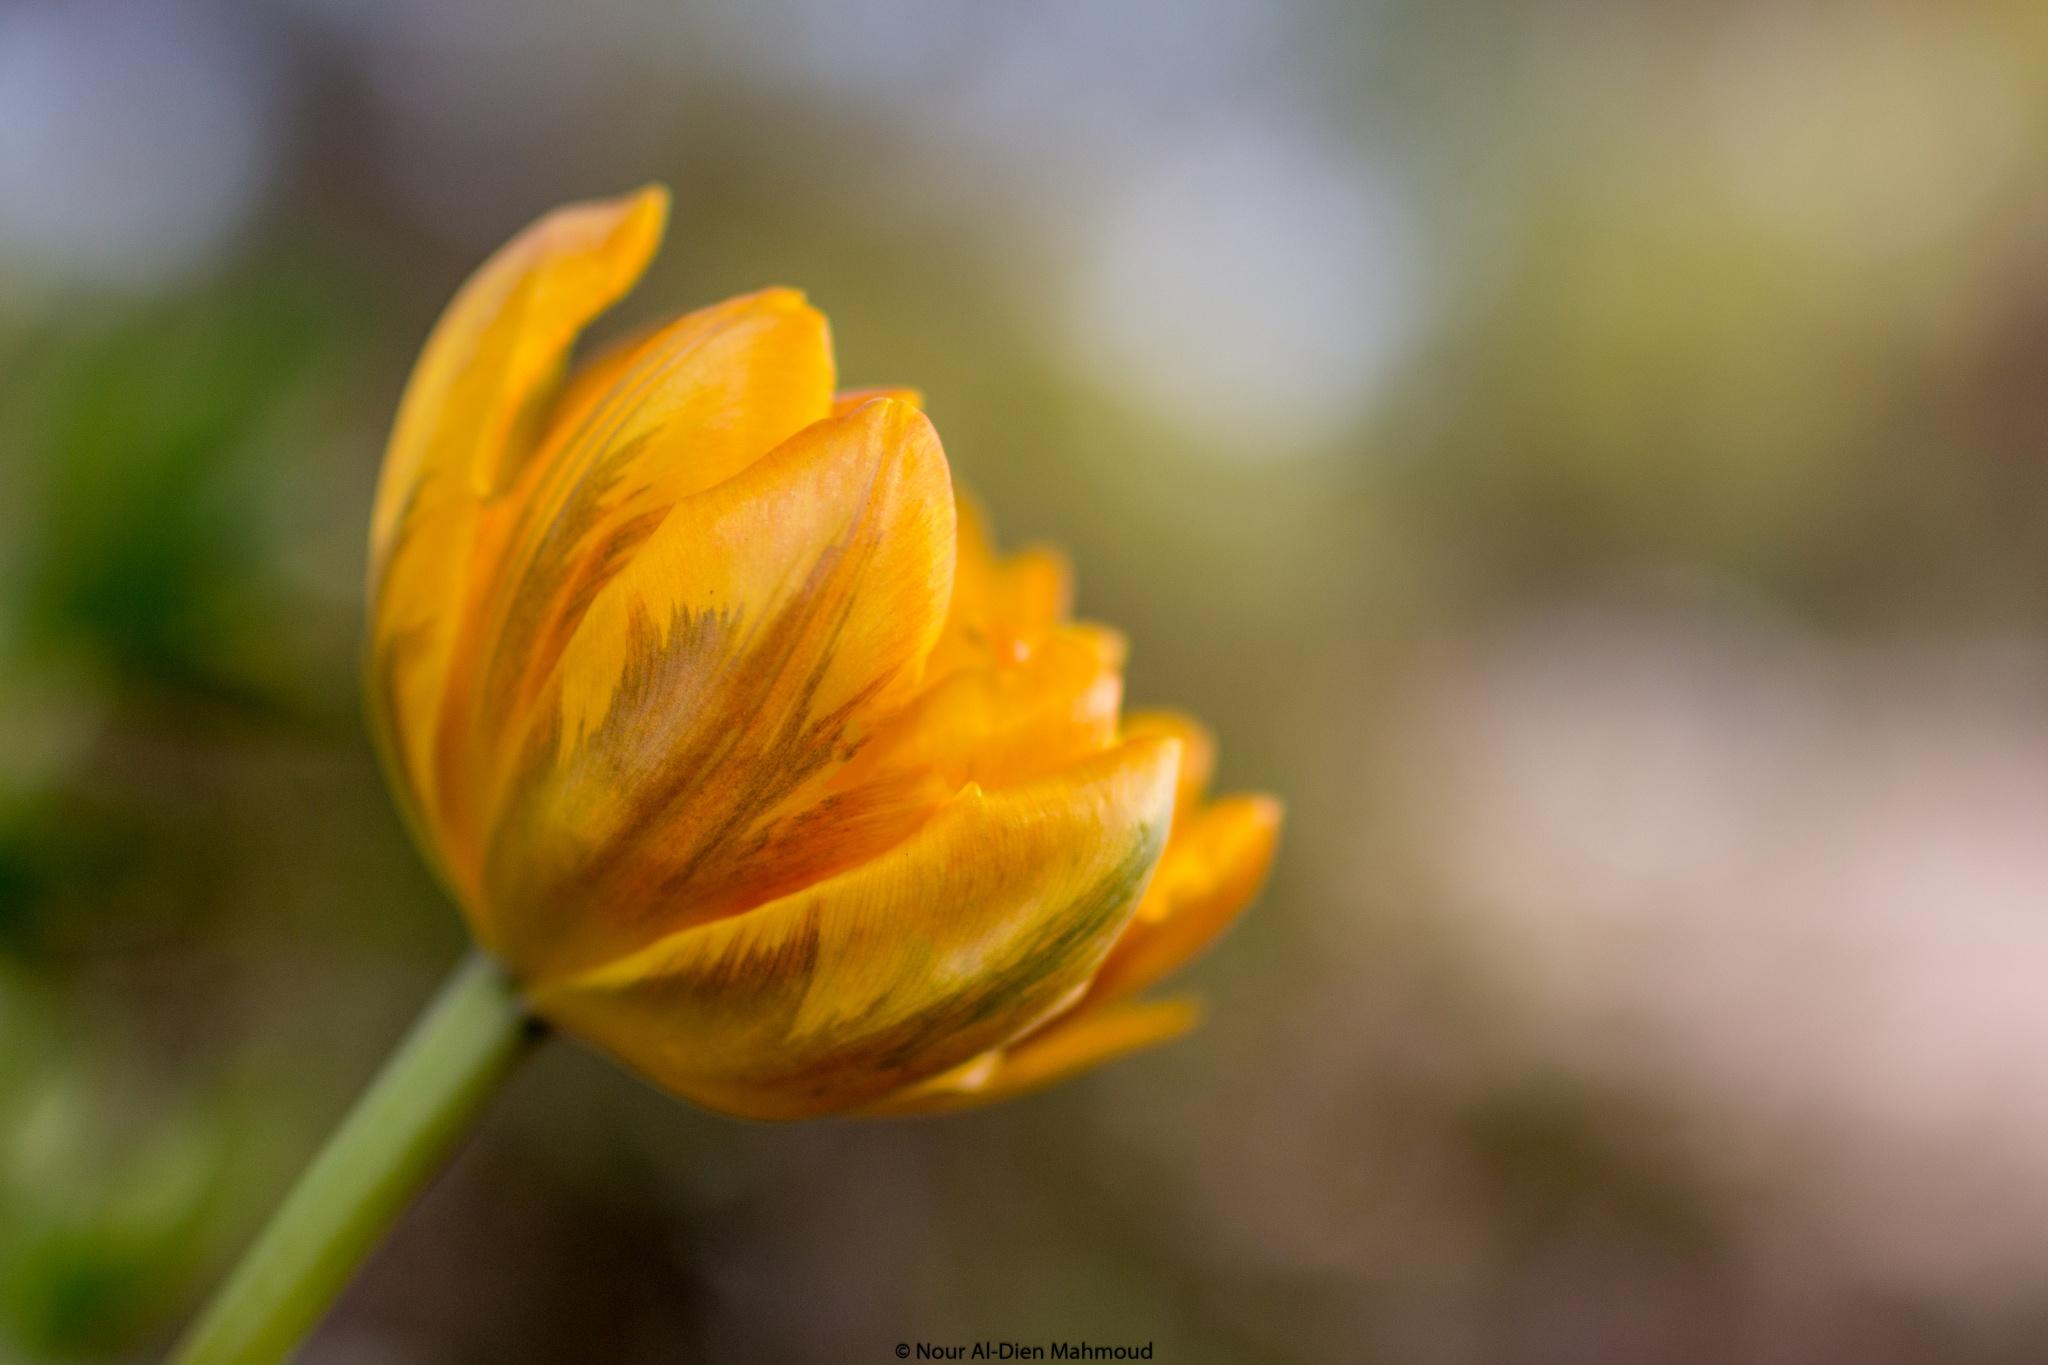 Tulip Love by Nour Al-Dien Mahmoud